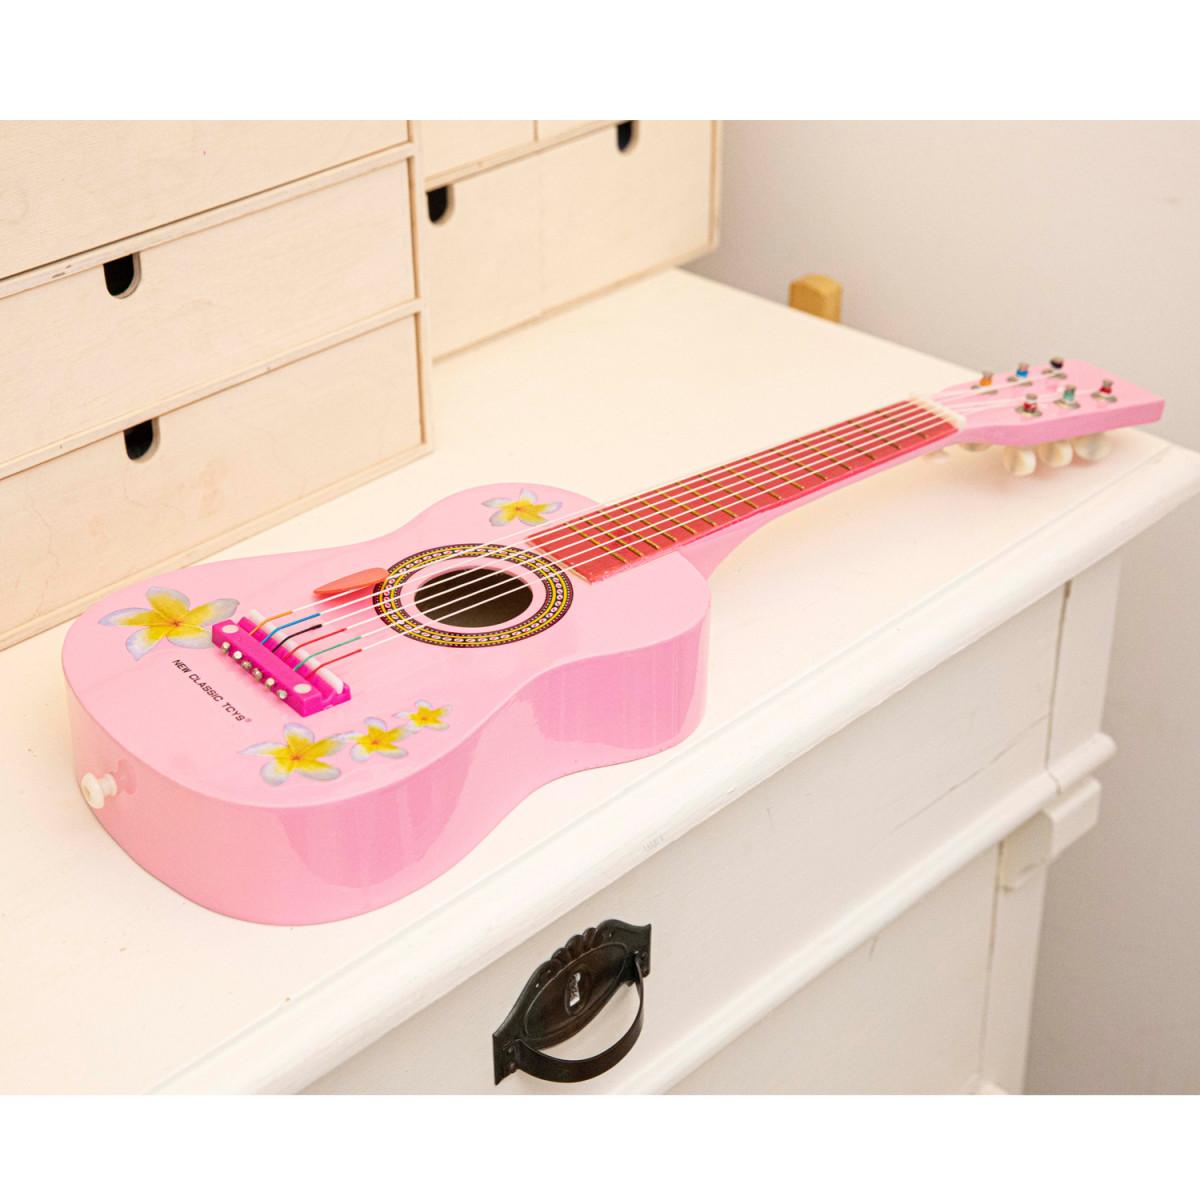 Guitare jouet rose à fleurs